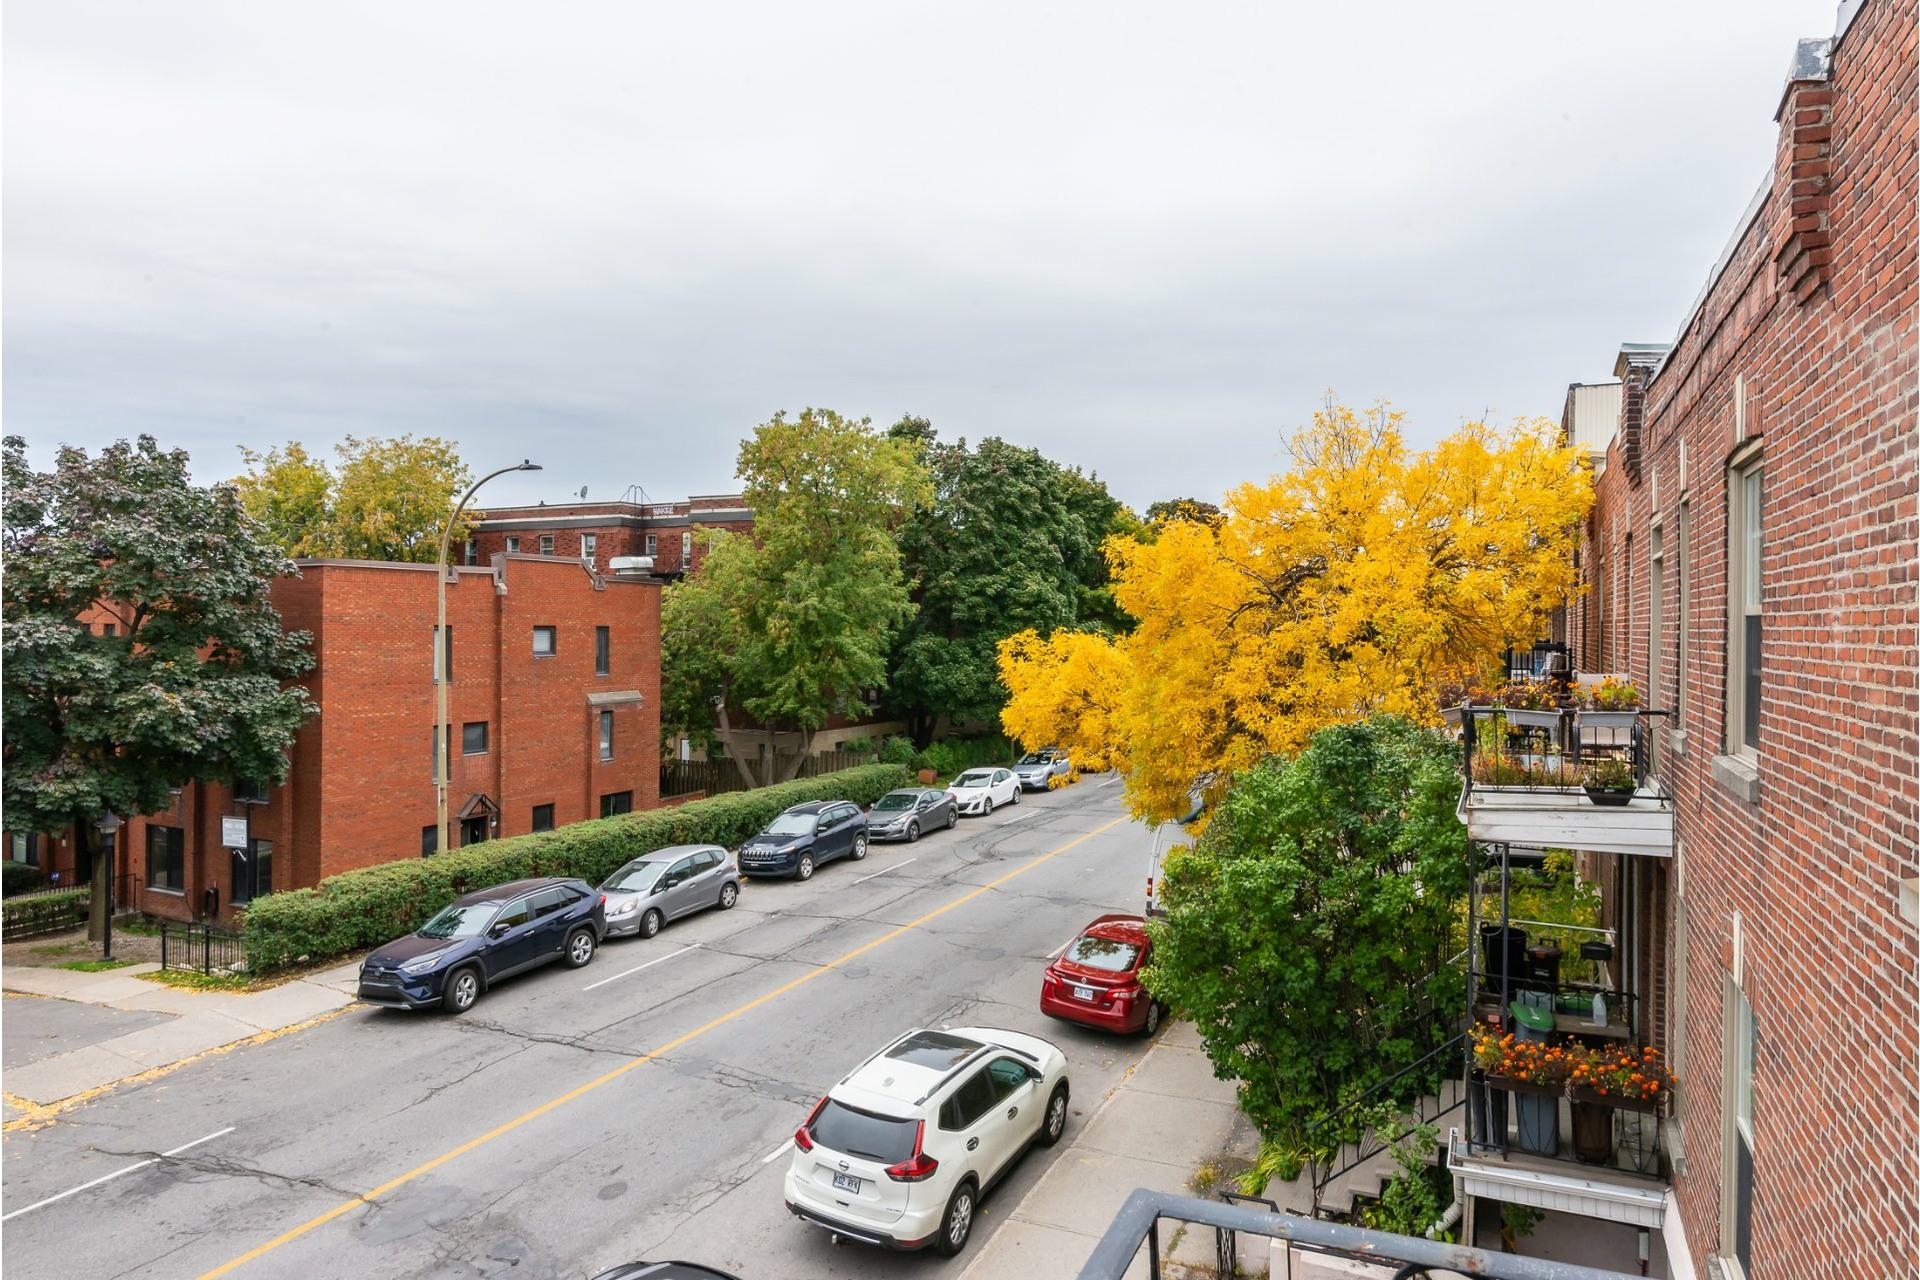 image 49 - Duplex À vendre Côte-des-Neiges/Notre-Dame-de-Grâce Montréal  - 5 pièces